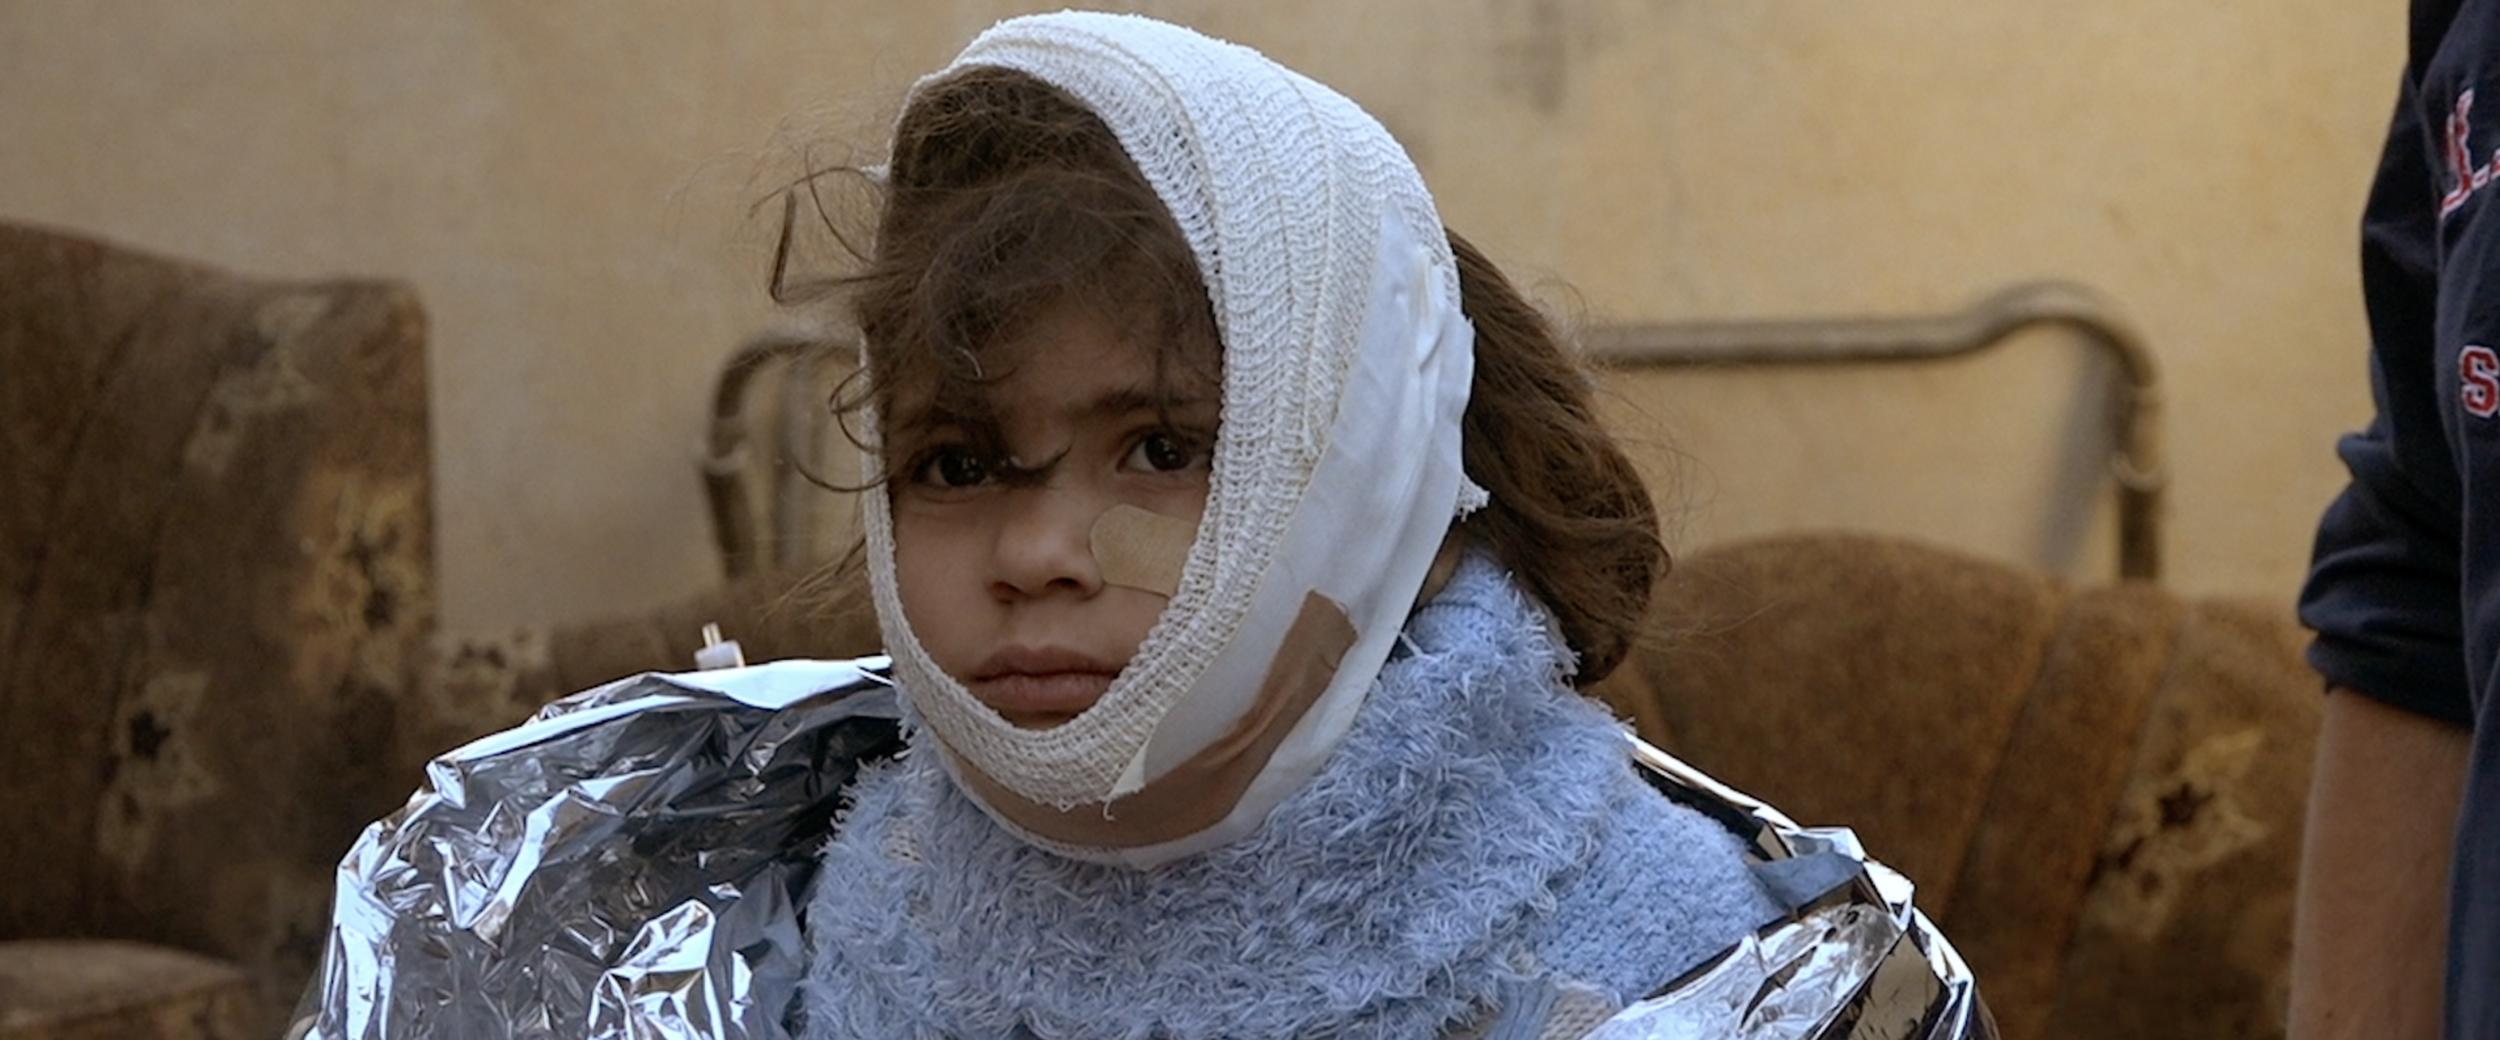 Injured girl, civilian.png